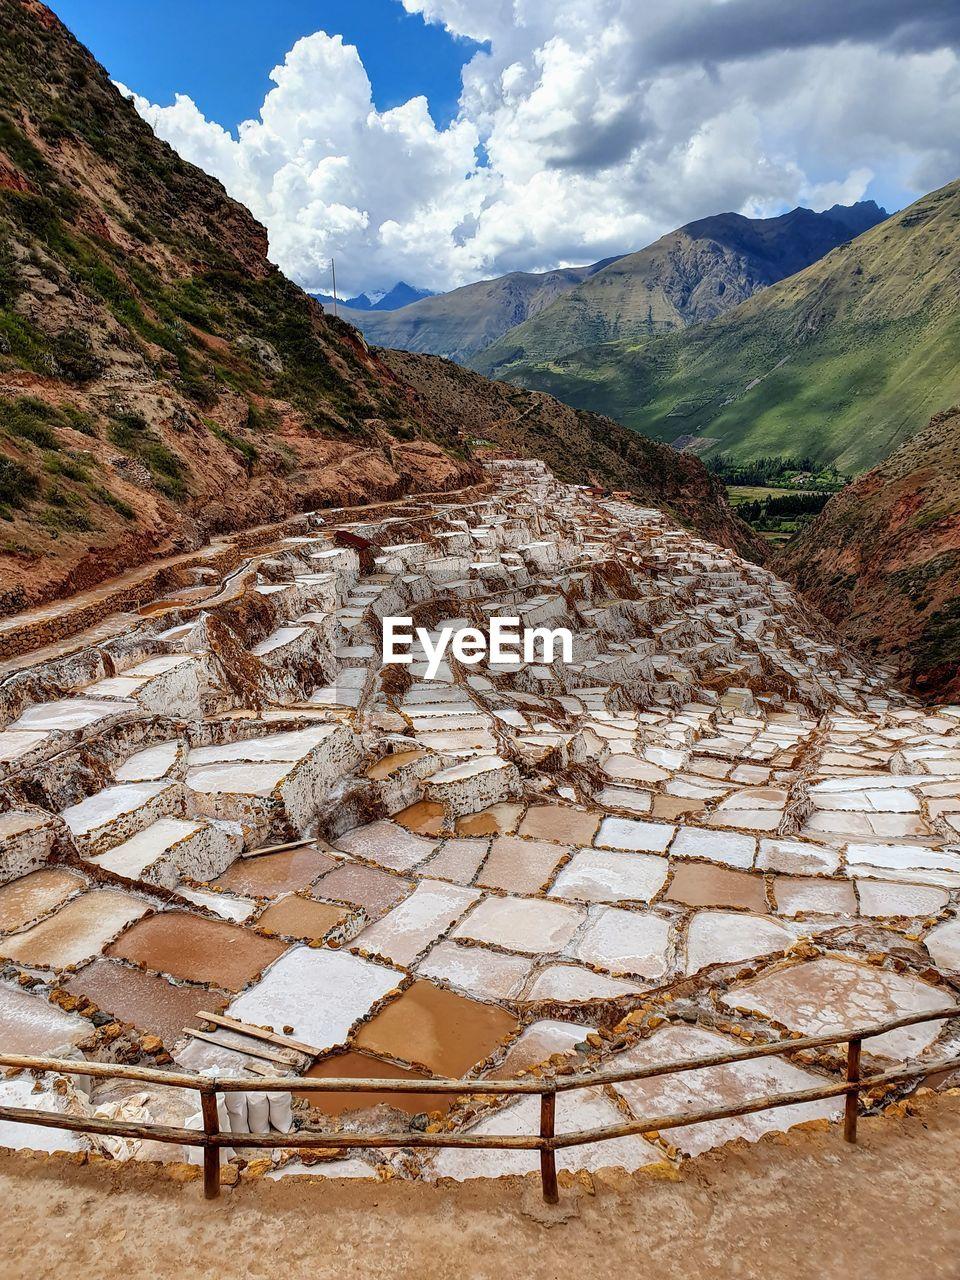 The salt mines of maras